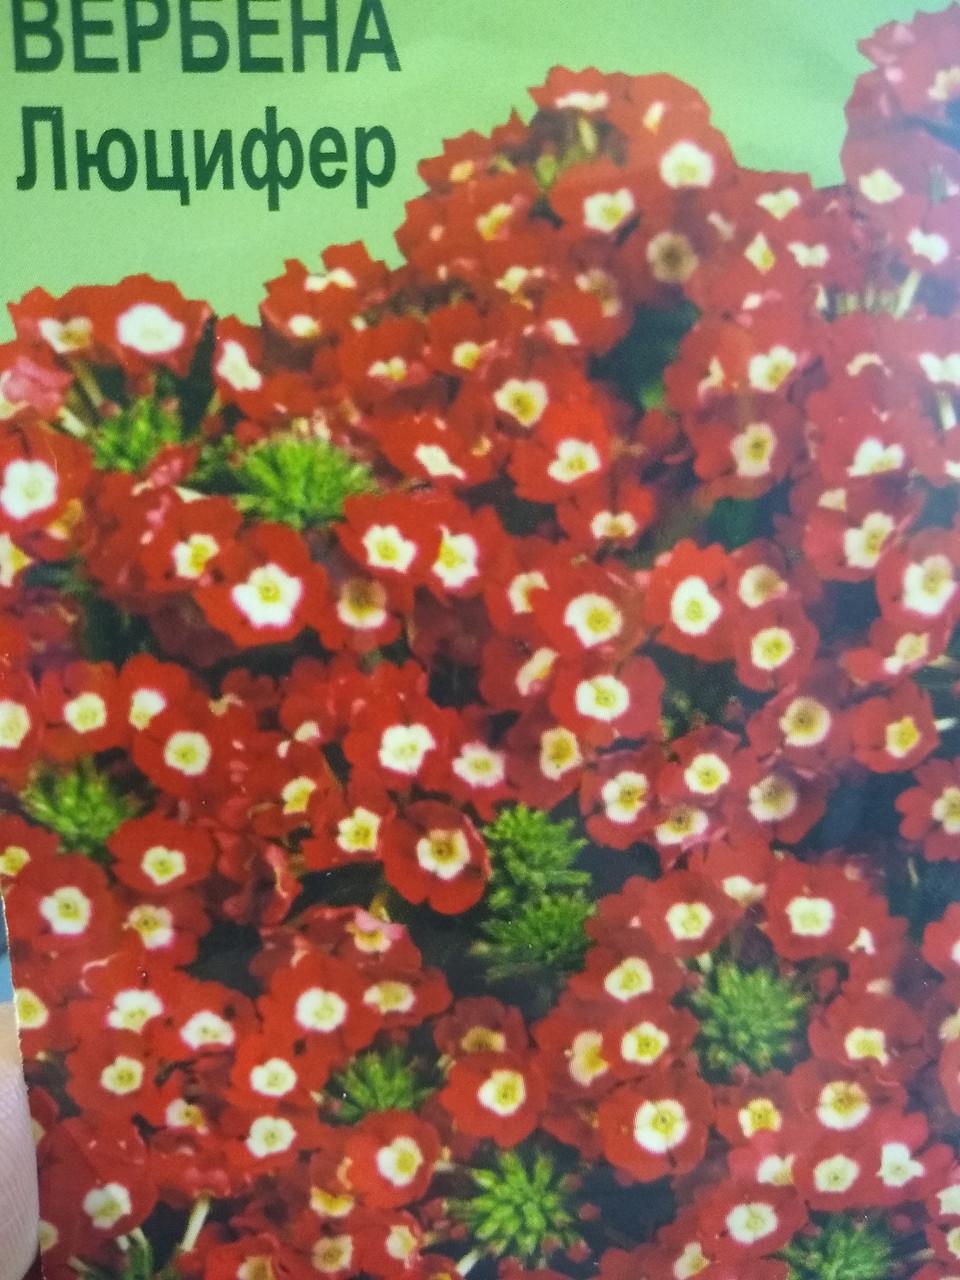 Насіння квітів вербени гібрид Люцифер 0.1 грам Агрофірма Элитсорт Україна